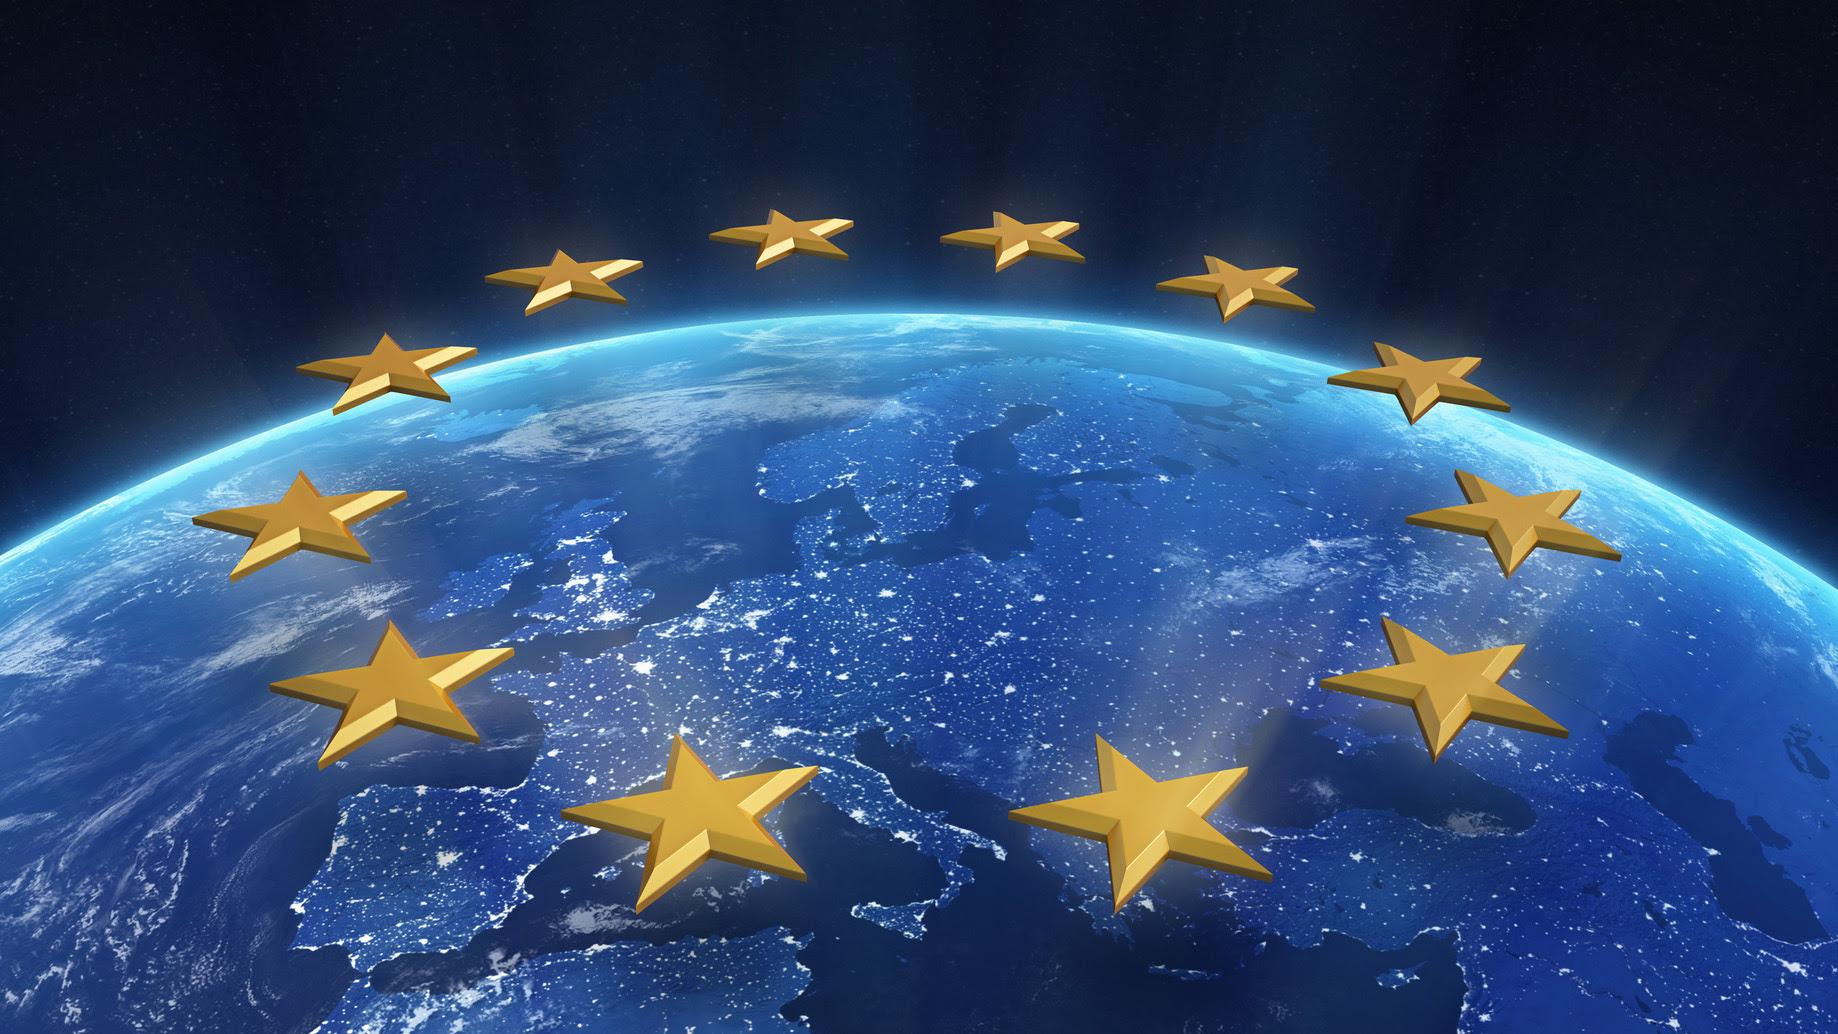 NÈ NATO NÈ RUSSIA, L'EUROPA HA BISOGNO DI UNA POLITICA INTERNA ED ESTERA INDIPENDENTE